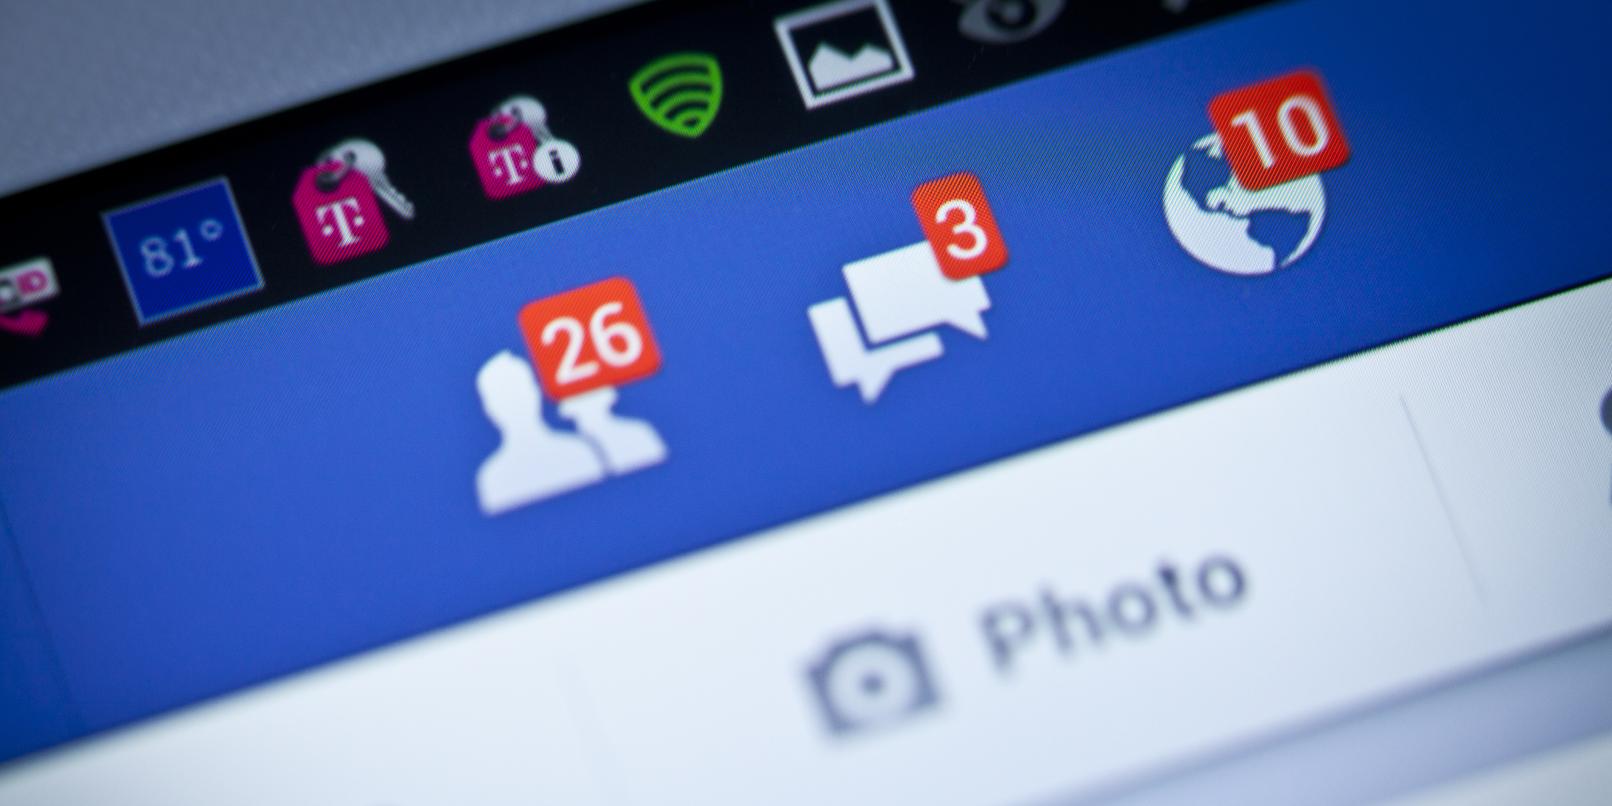 Títulos SPAM serão punidos no Facebook